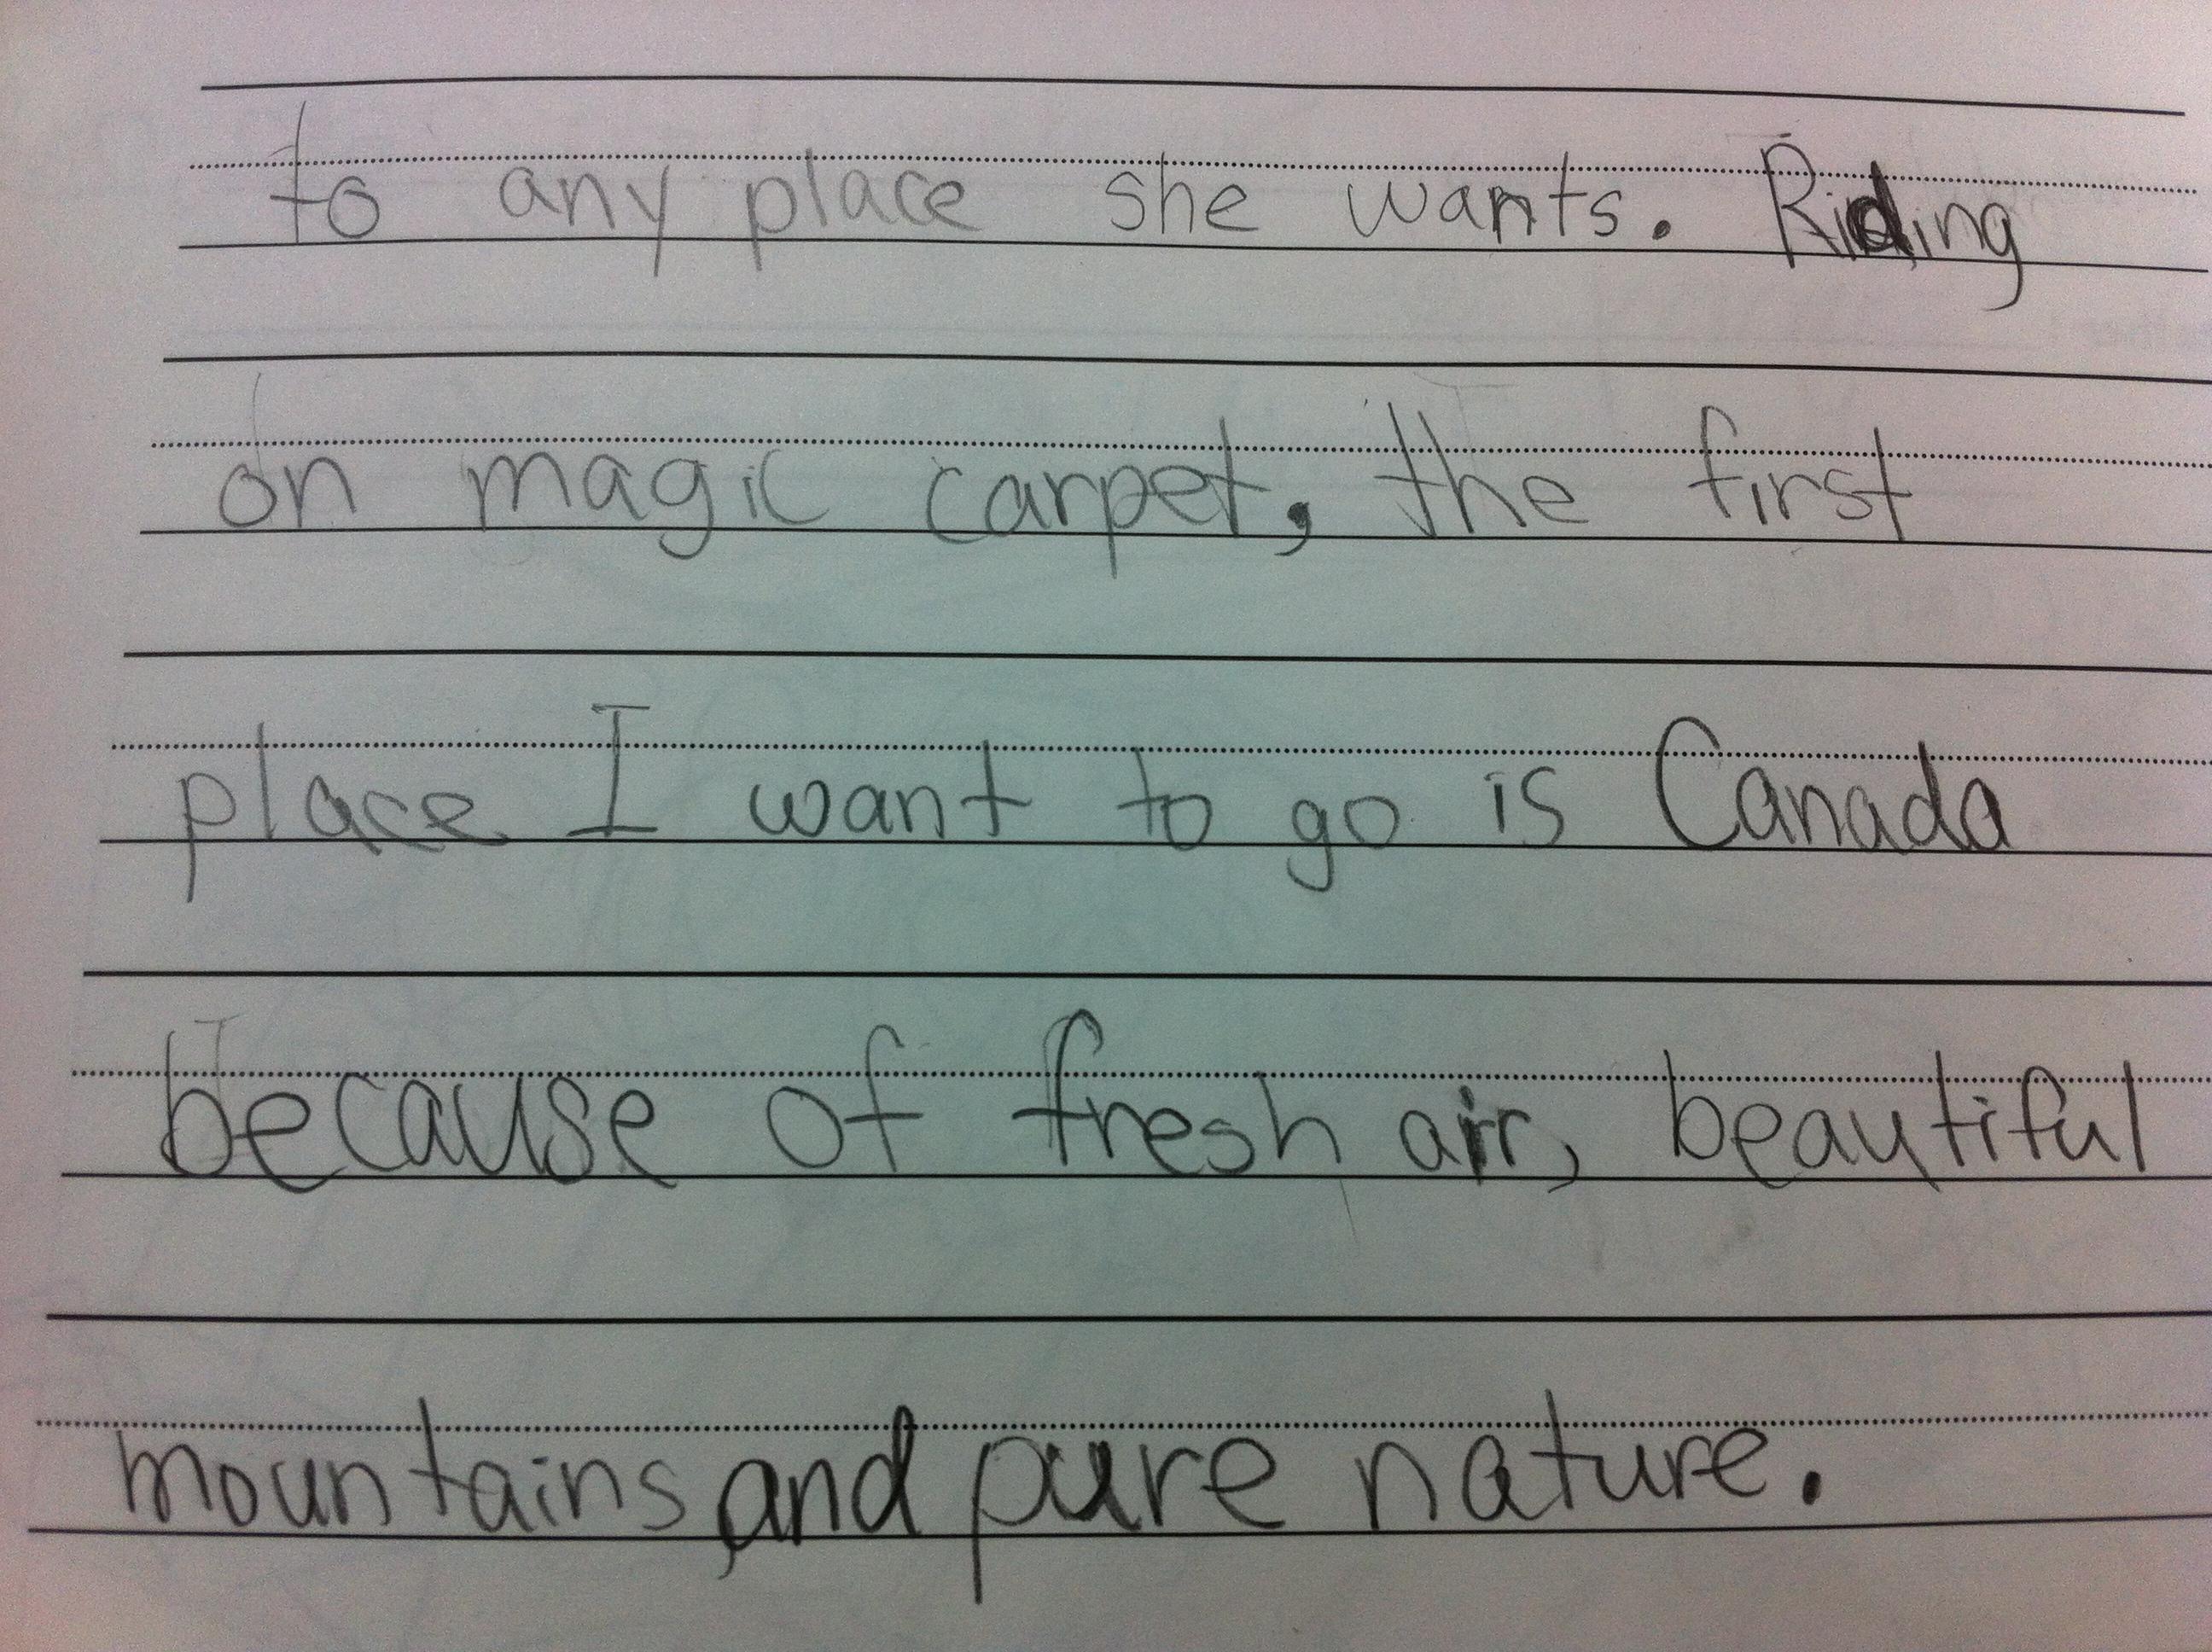 Q. How do I write a journal entry?